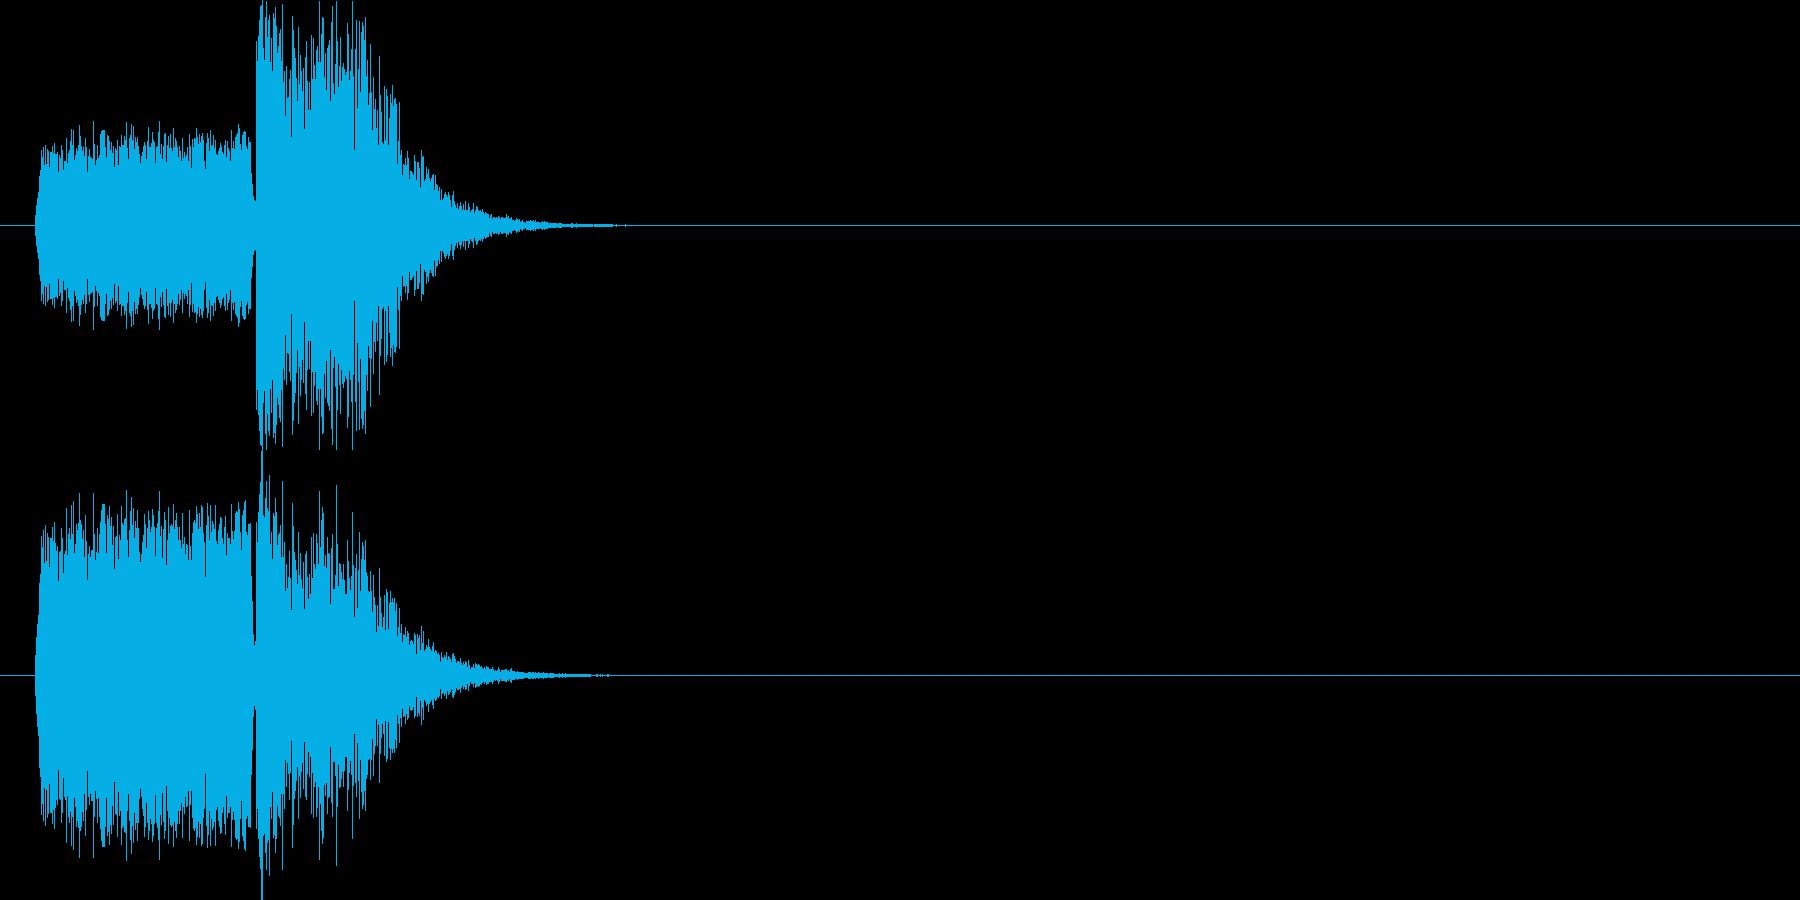 場面 スリップ+衝突の再生済みの波形